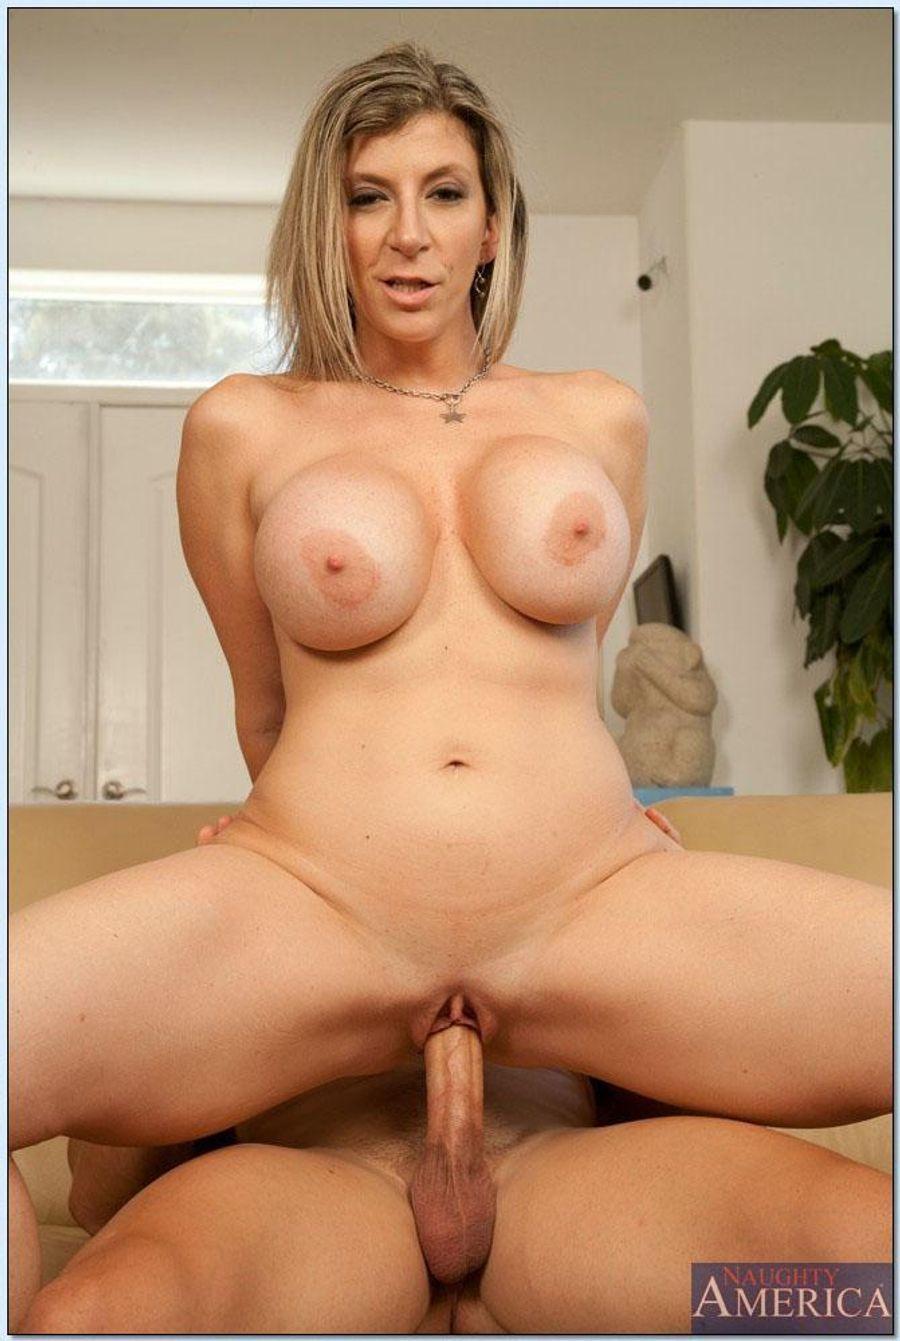 Sara iay